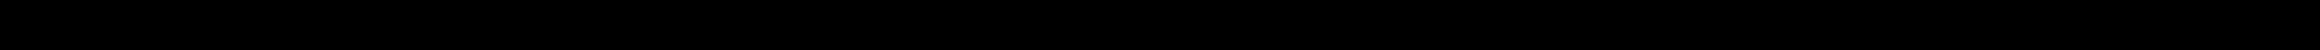 DENSO 6447ZY, 6479E9, 27277-CL025H, 999M1-VP001, 999M1-VP051 Filter vnútorného priestoru